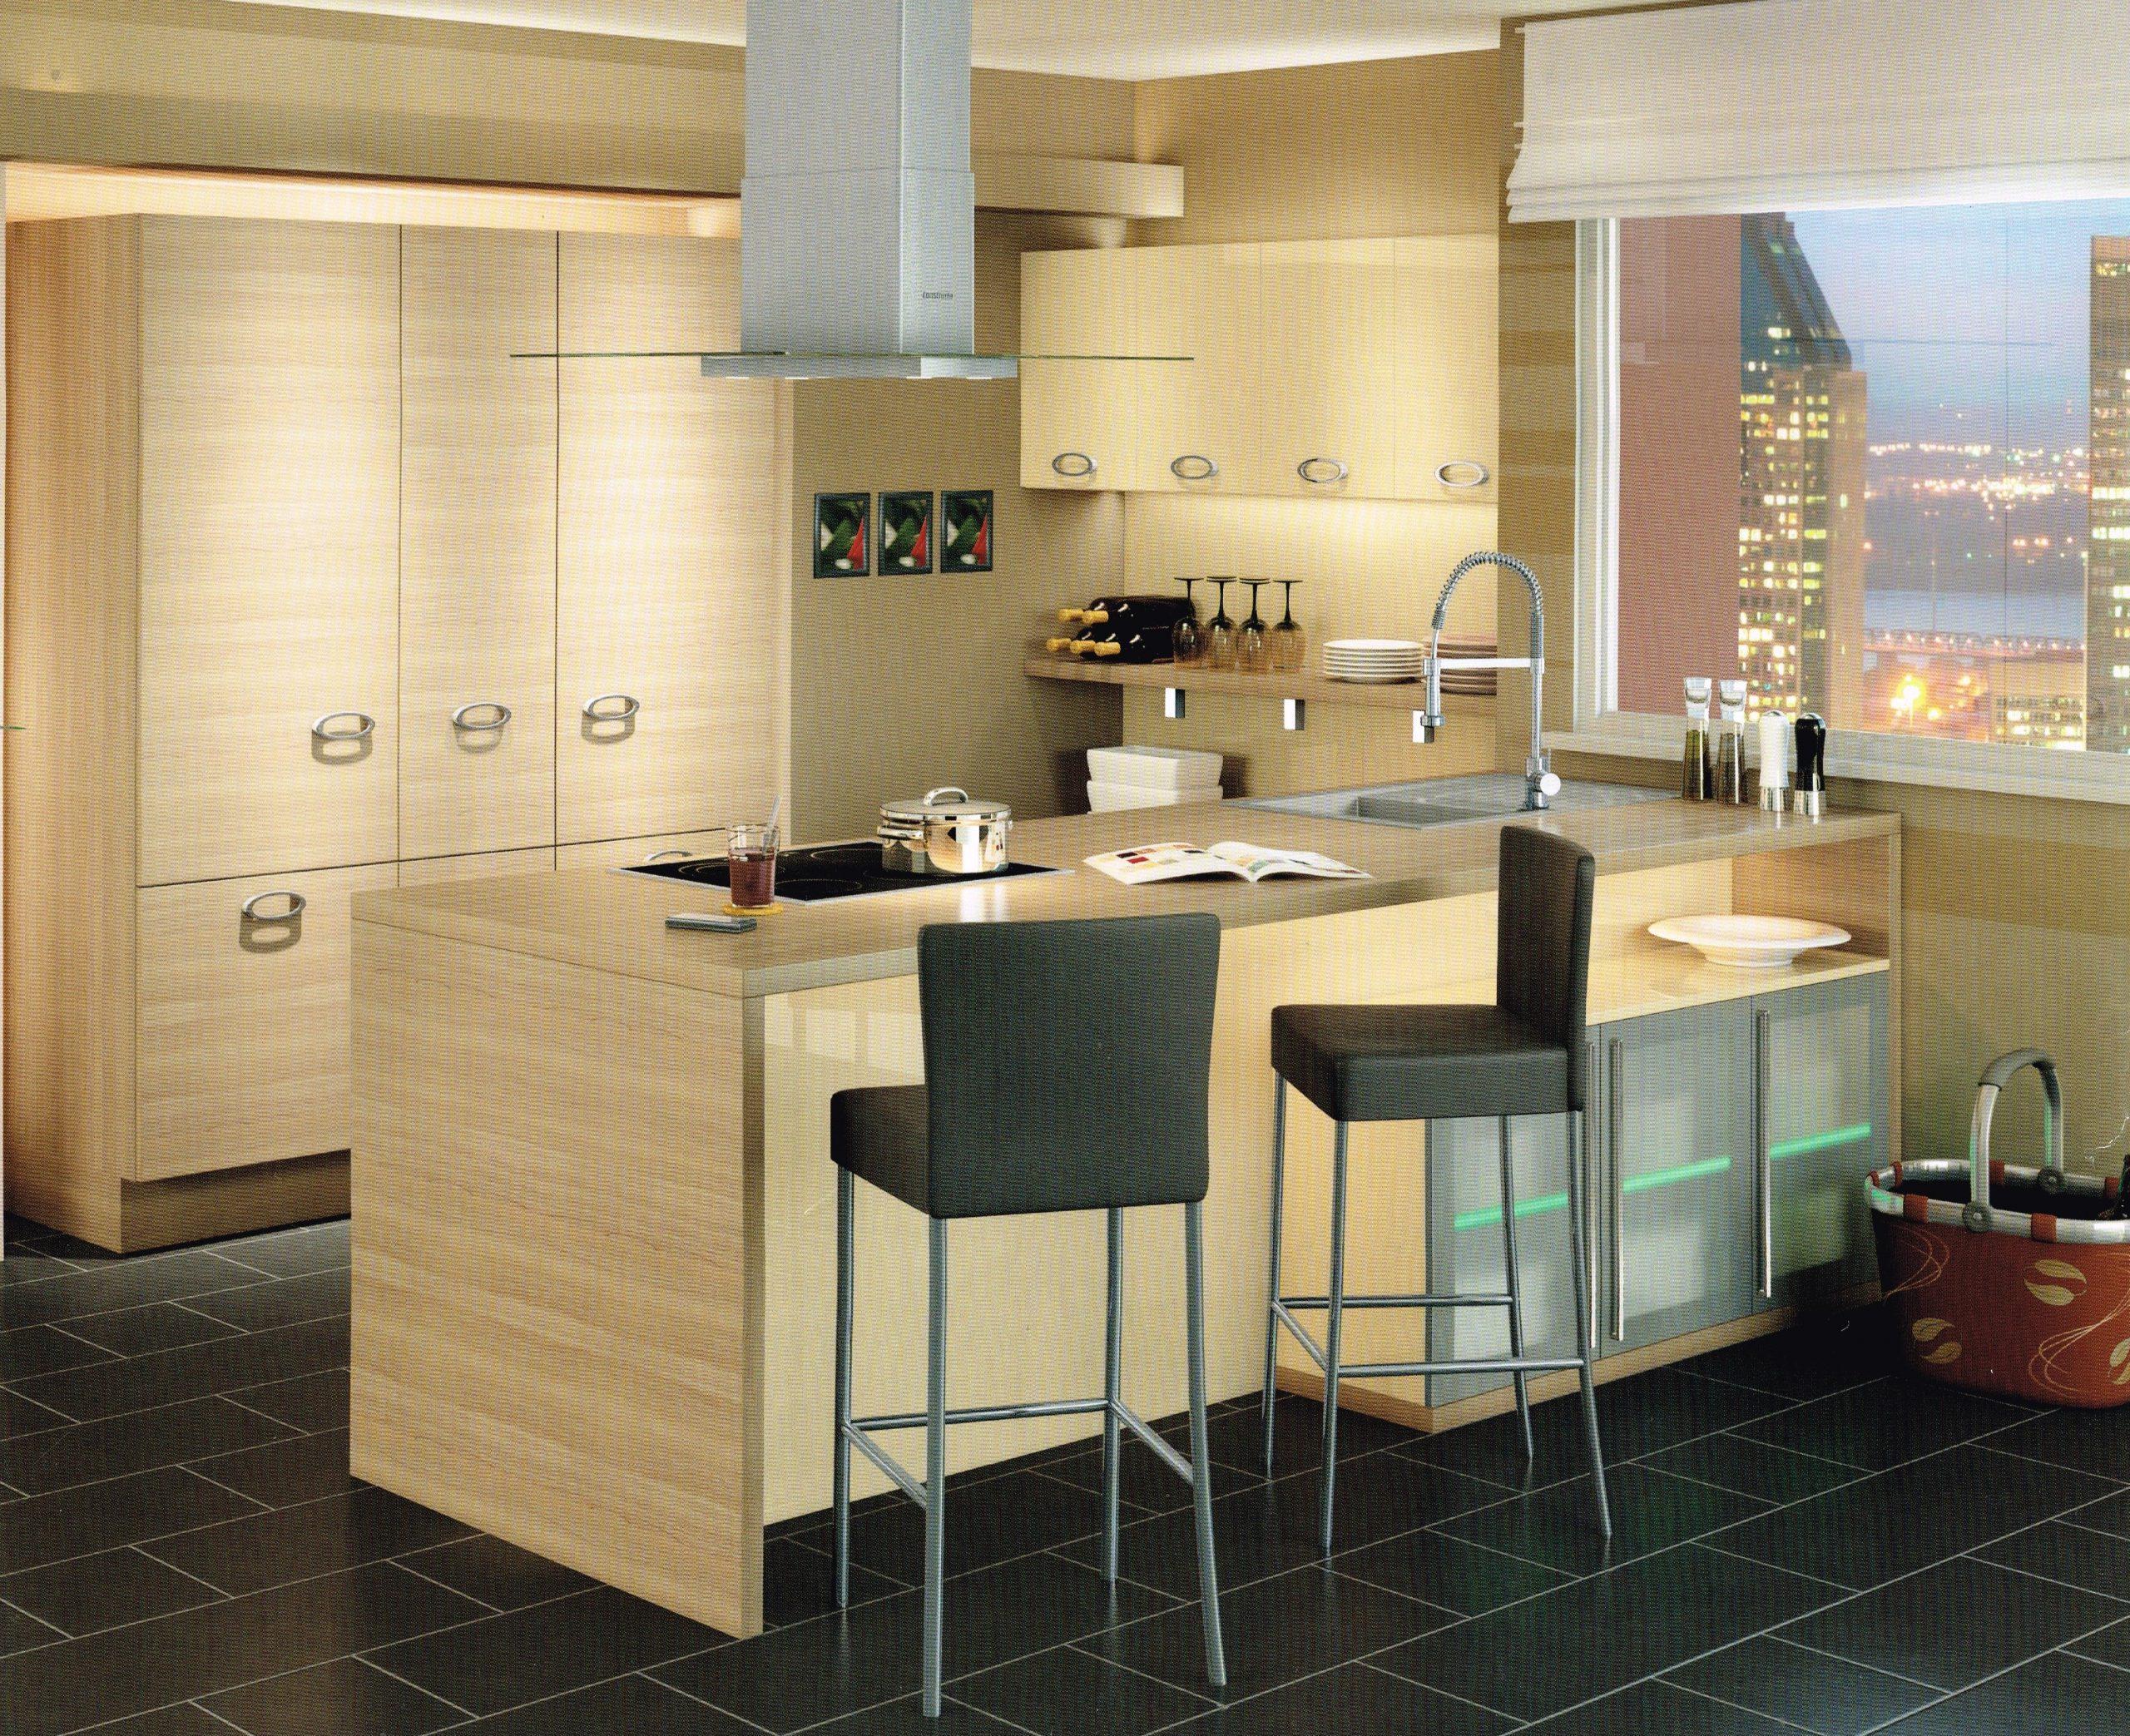 Full Size of Küche Zusammenstellen Unterschrank Küche Zusammenstellen Respekta Küche Zusammenstellen Vicco Küche Zusammenstellen Küche Küche Zusammenstellen